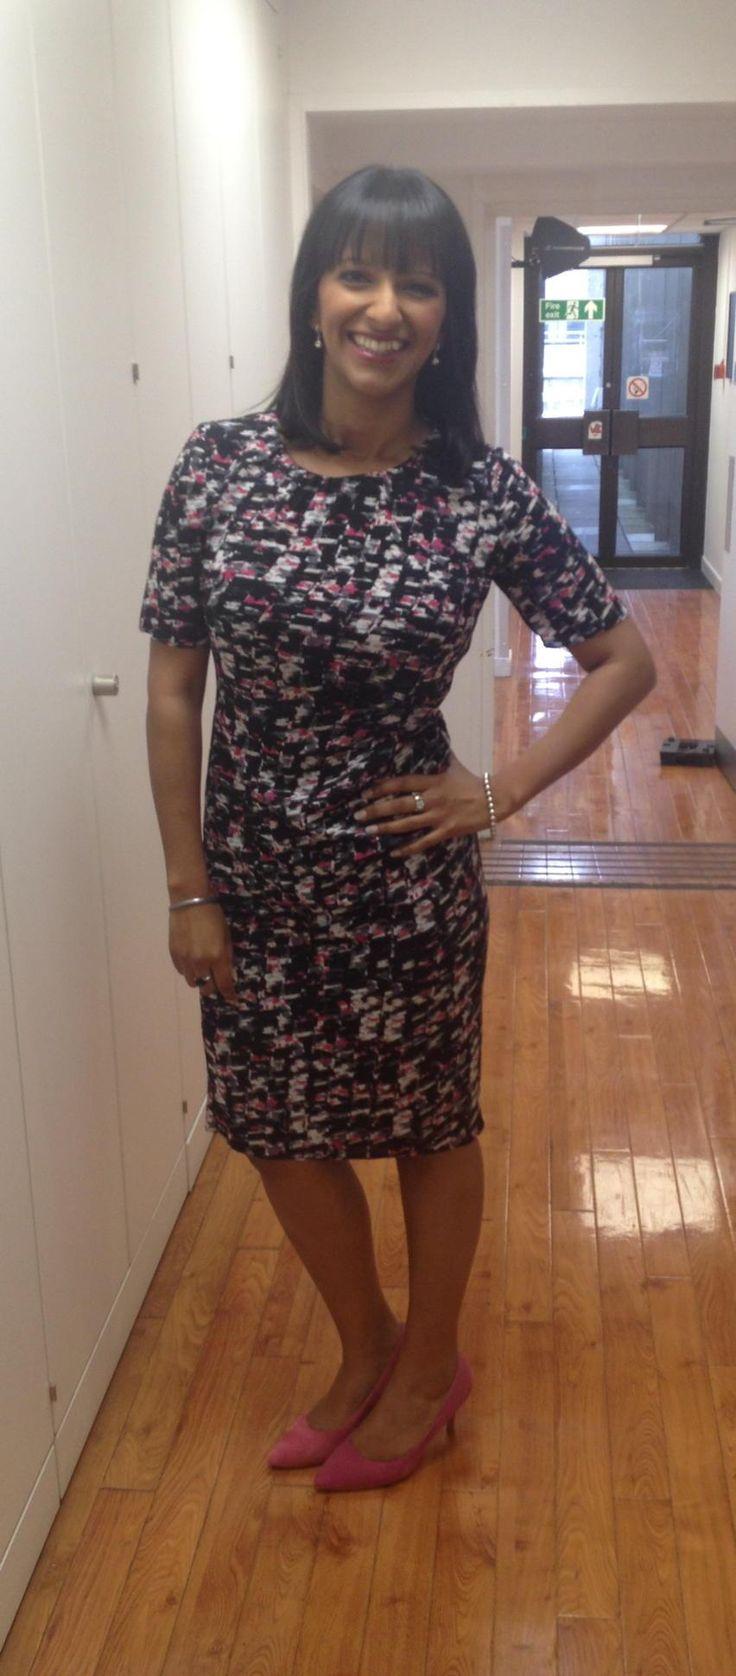 Black dress debenhams -  Gmb Ranvir01 Looking A Beaut As Usual In Jasper Conran Debenhams Dress